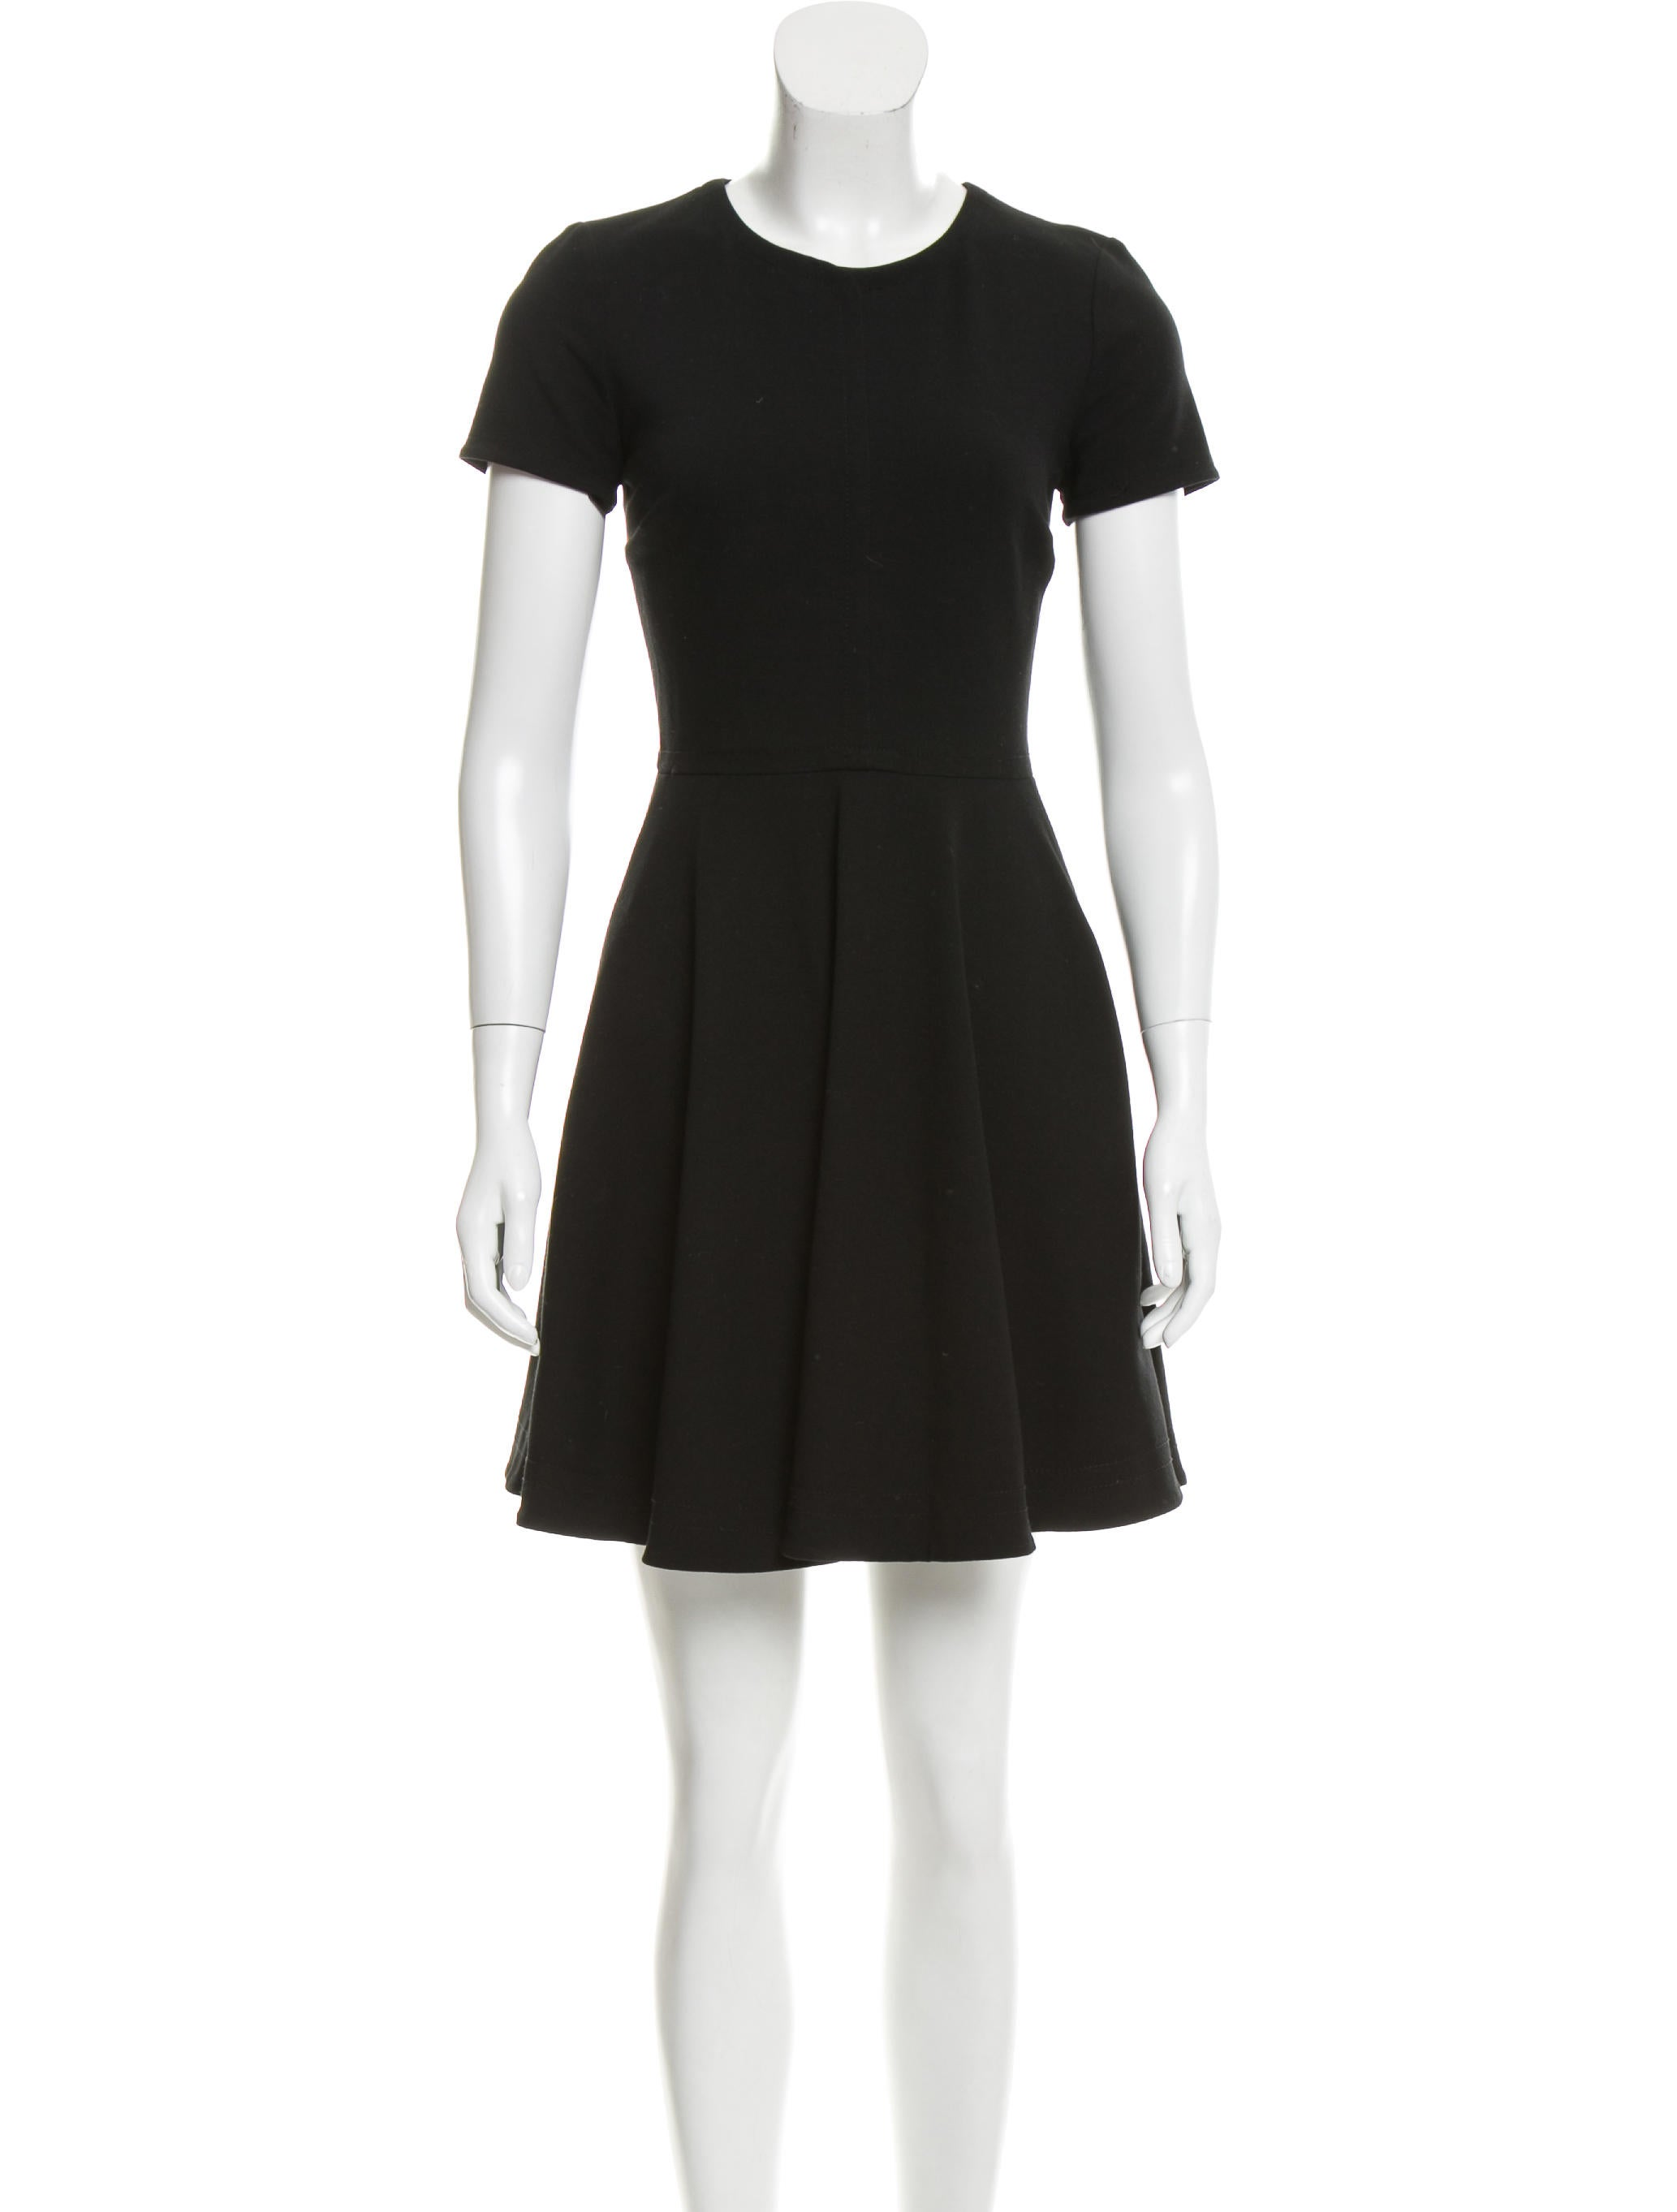 Diane von furstenberg a line ivana dress clothing for Diane von furstenberg clothing